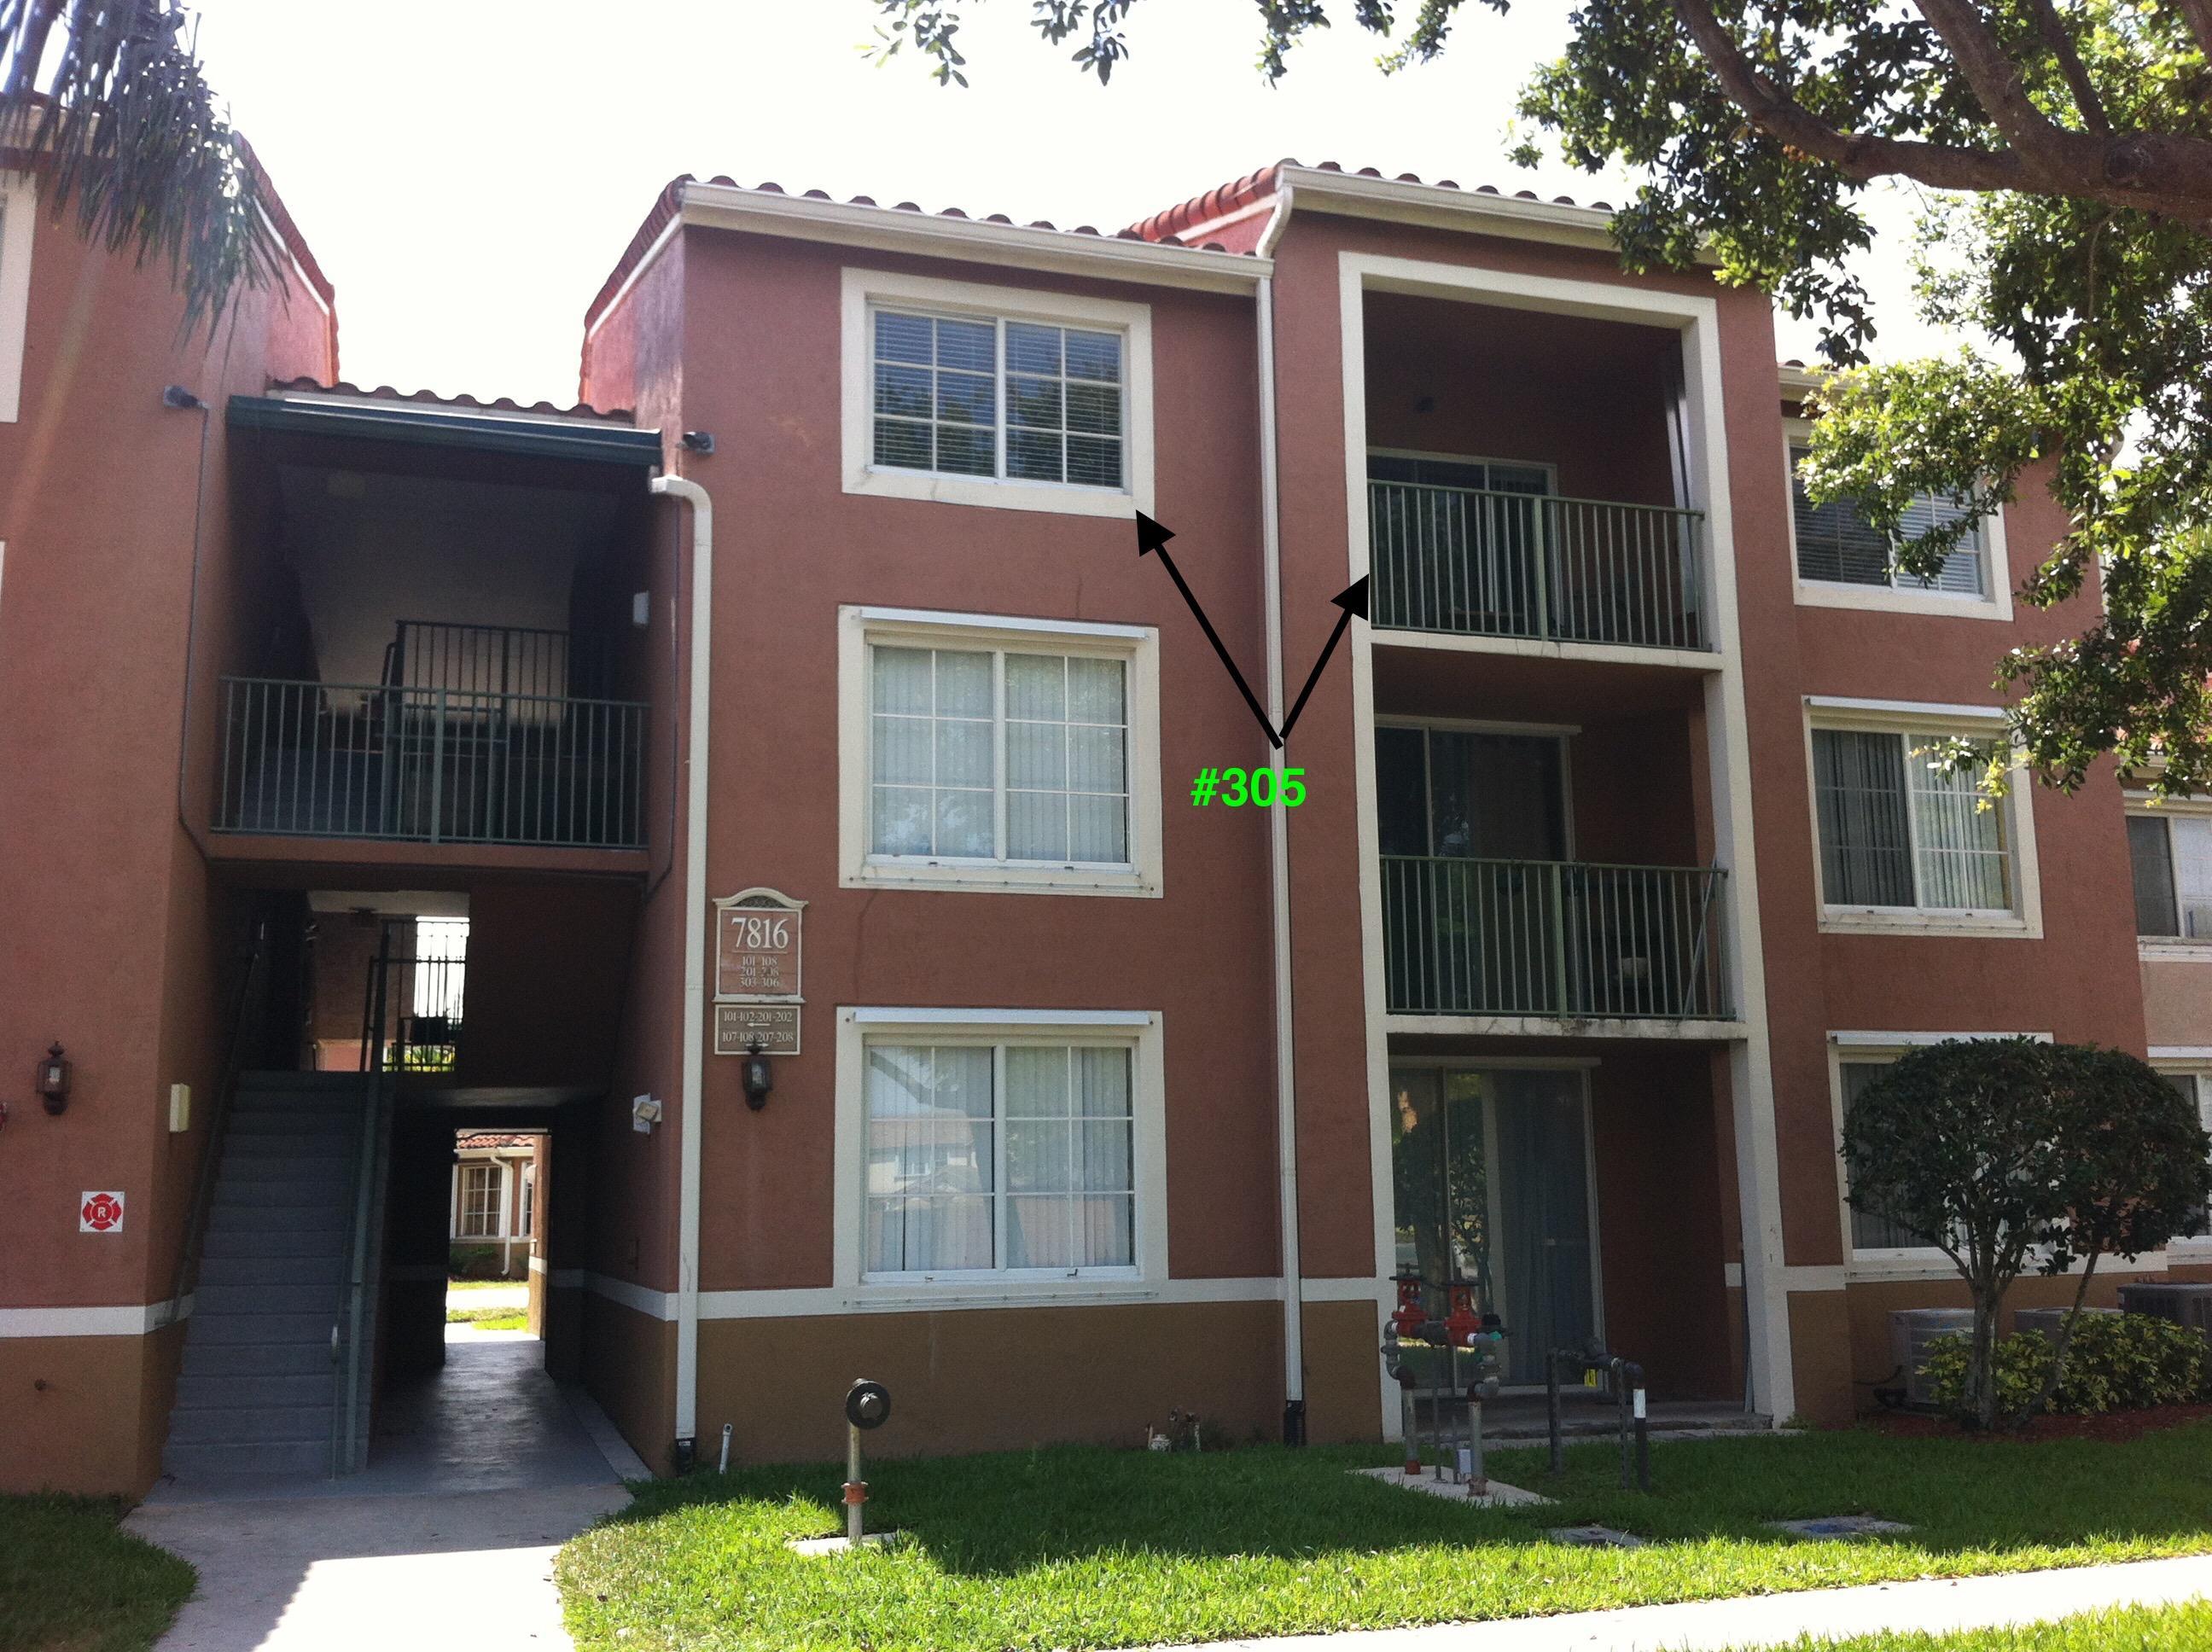 7816 Sonoma Springs Circle 305 Lake Worth, FL 33463